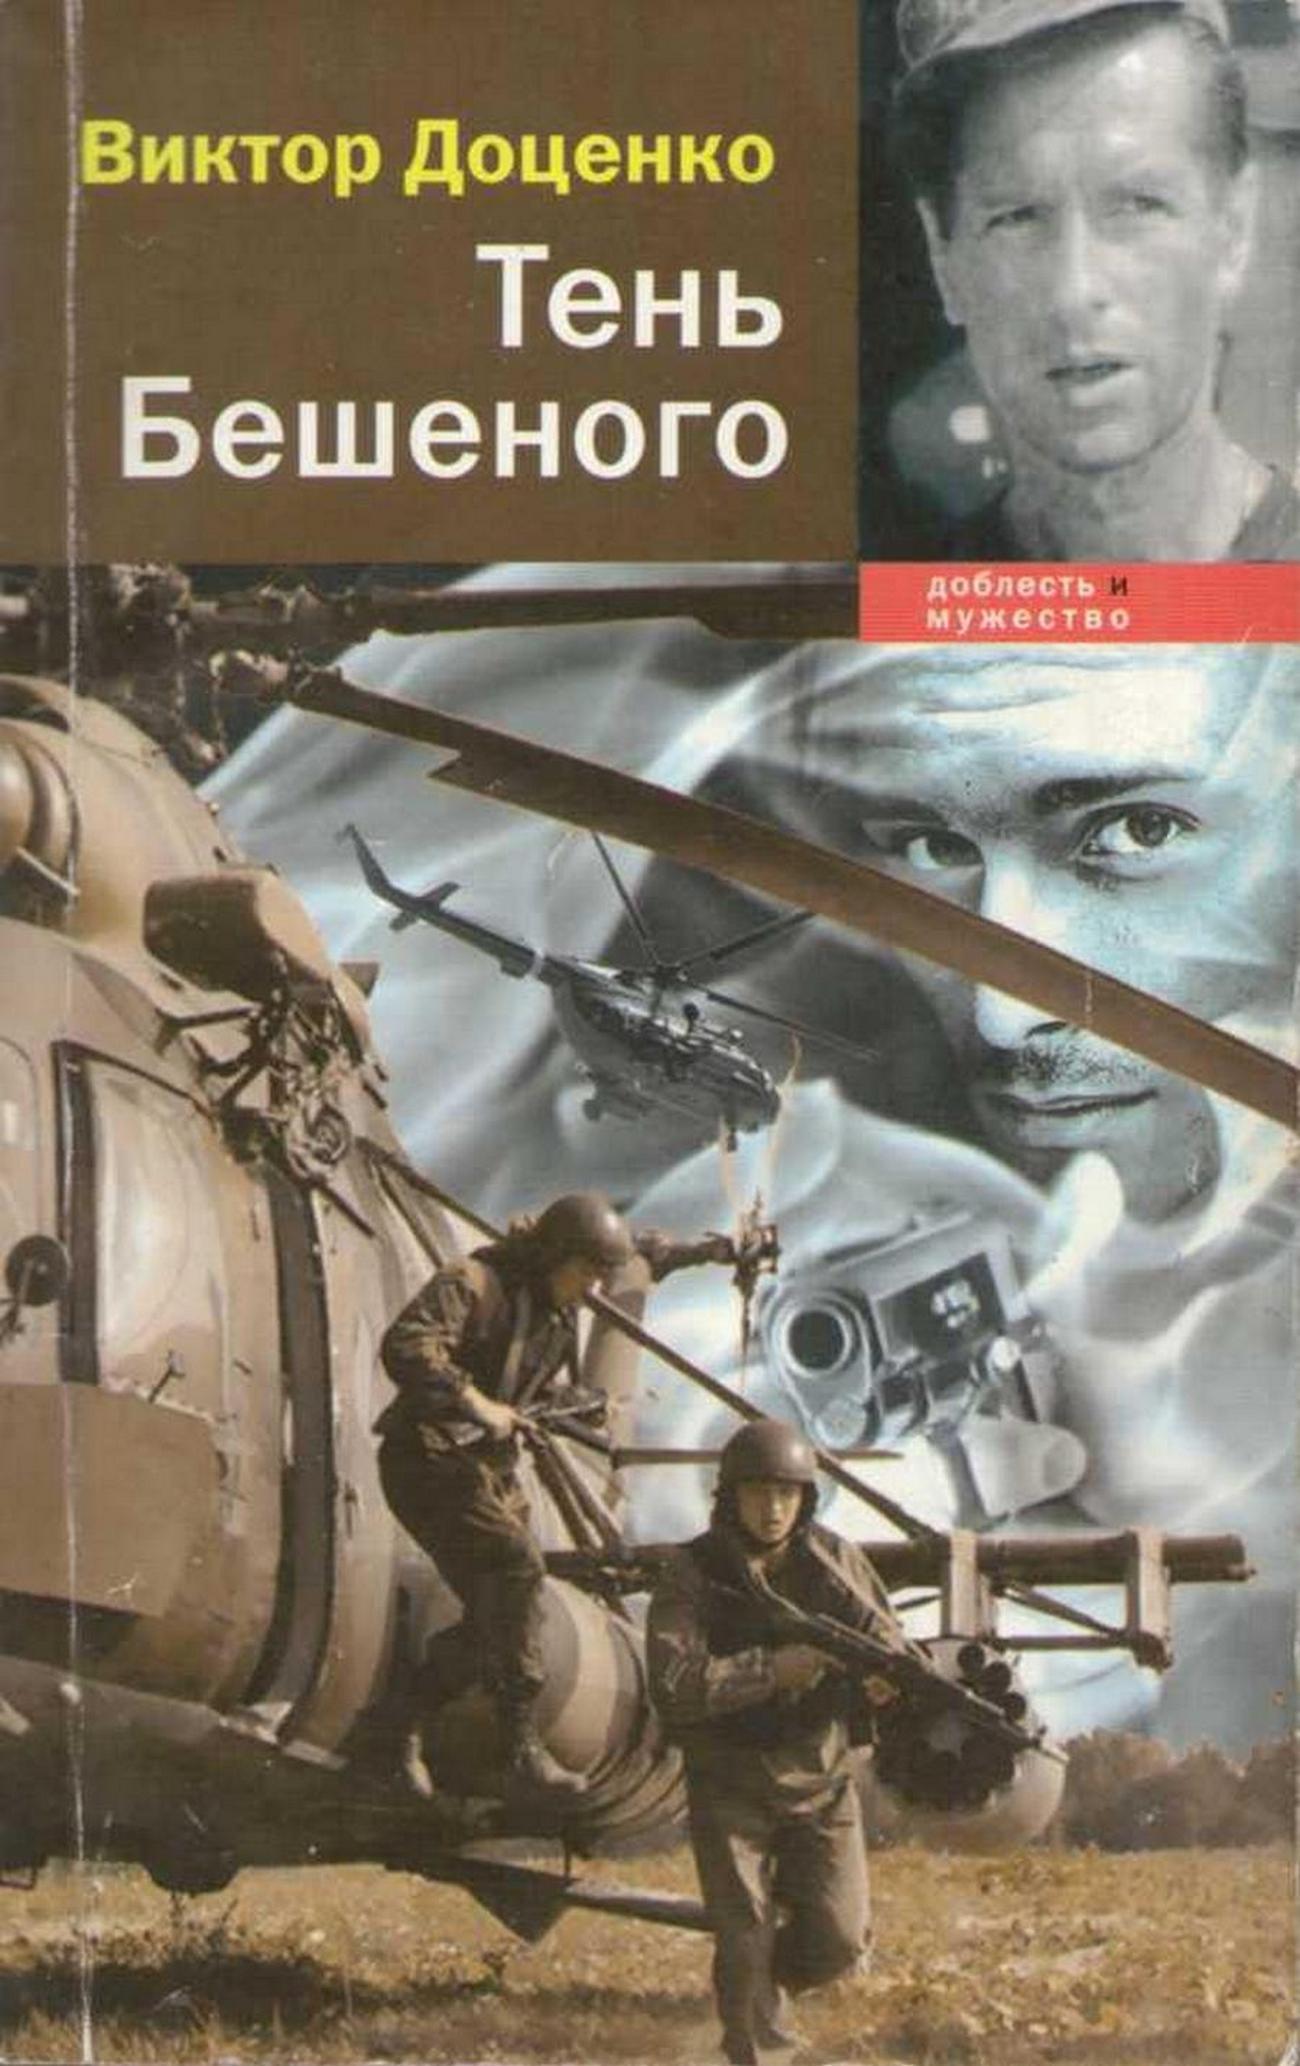 Виктор доценко все книги fb2 скачать бесплатно